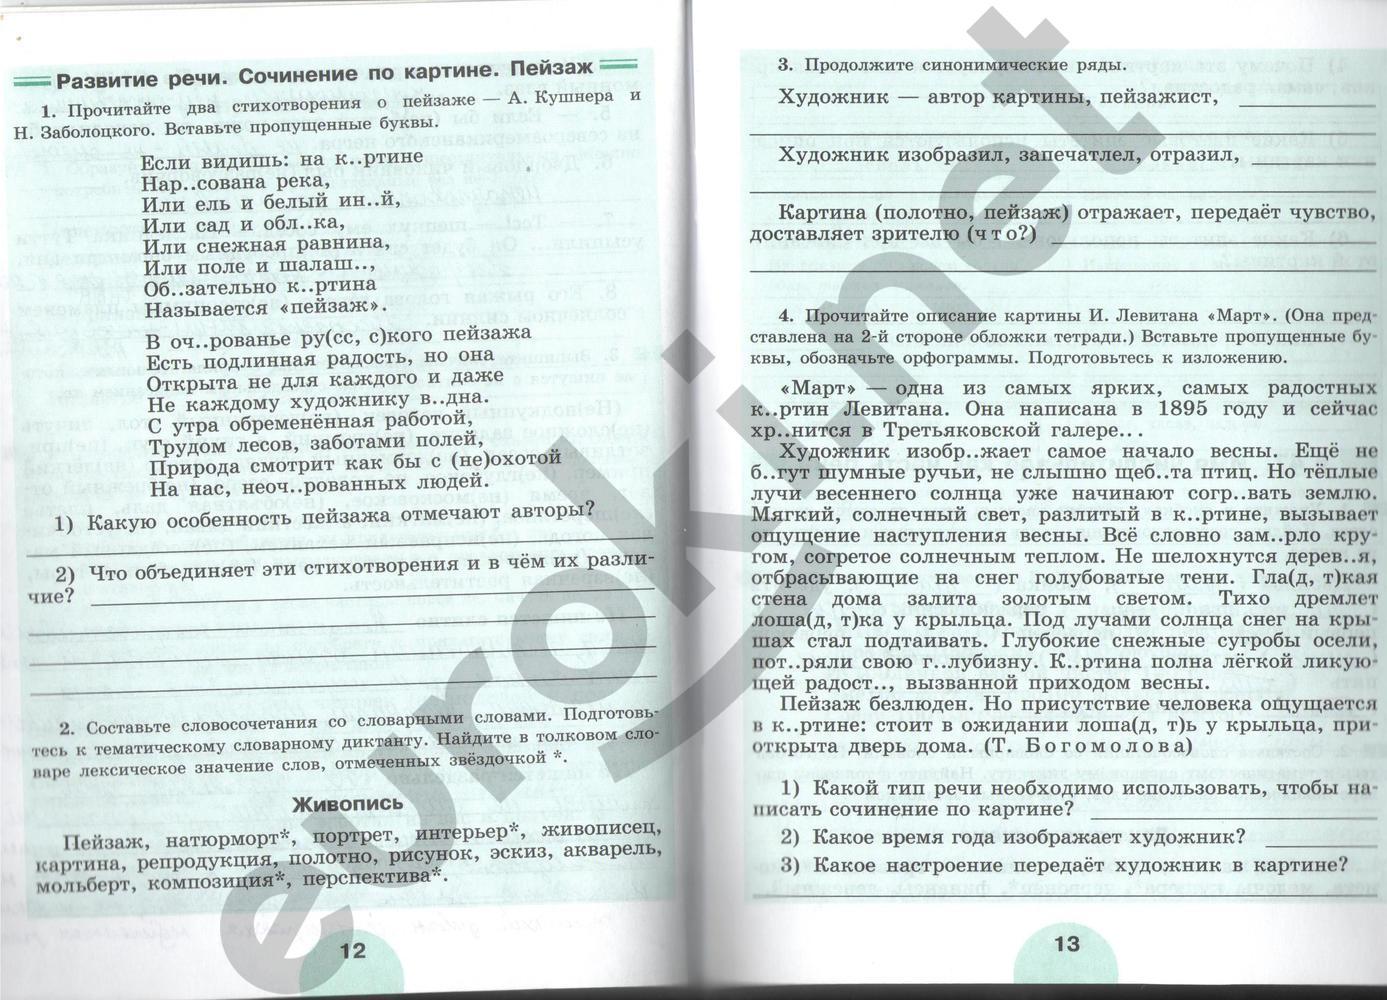 Рабочая Тетрадь По Русскому Языку 5 Класс Рыбченкова Ответы Решебник